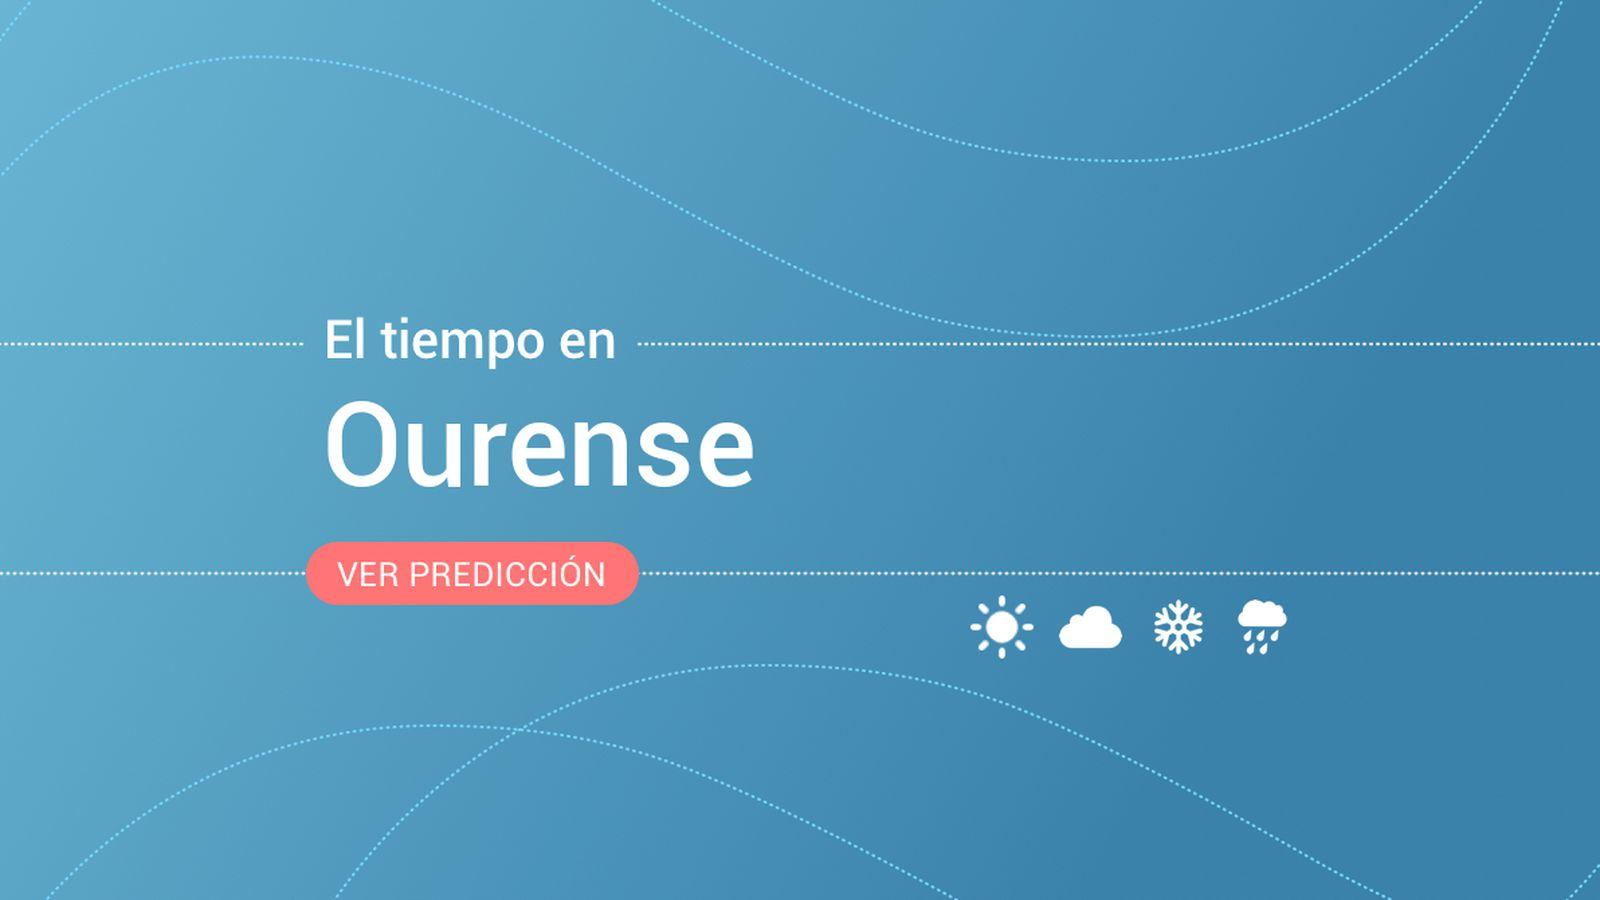 Foto: El tiempo en Ourense. (EC)